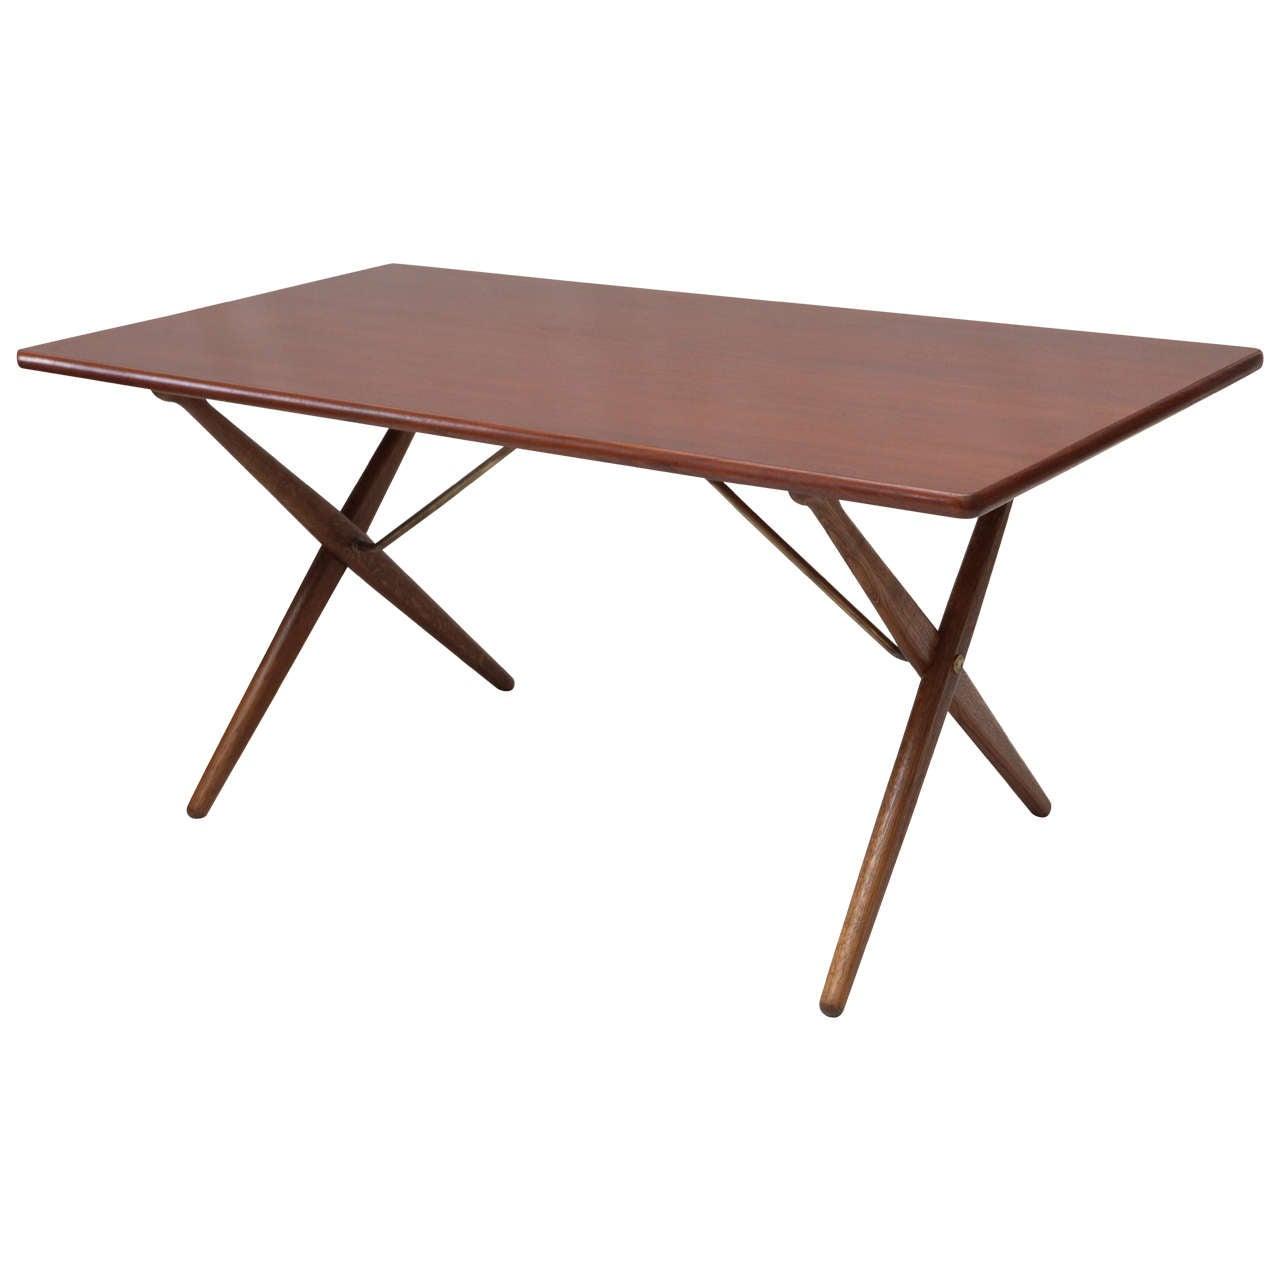 Hans Wegner AT 303 cross-leg table, 1950s, offered by Denmark 50